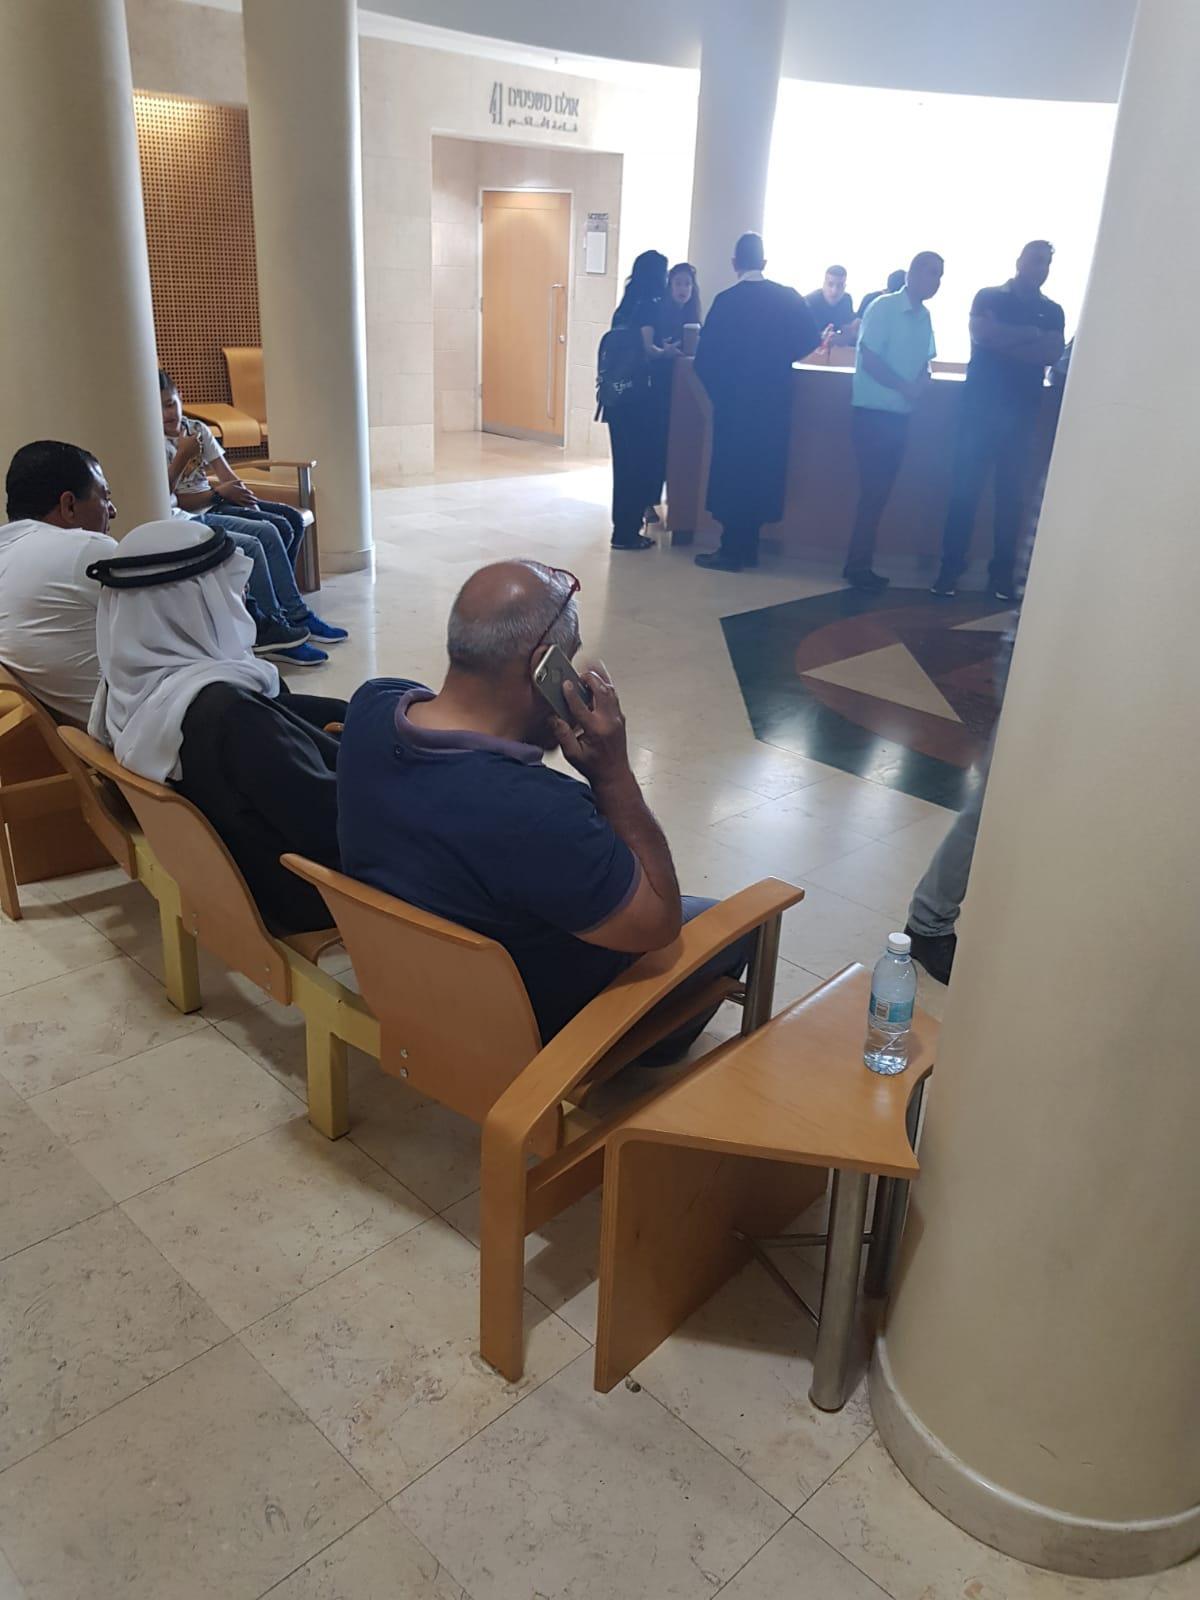 المحكمة ستصدر قرارها على الاستئناف ضد قرار سجن شيخ العراقيب خلال أسبوع